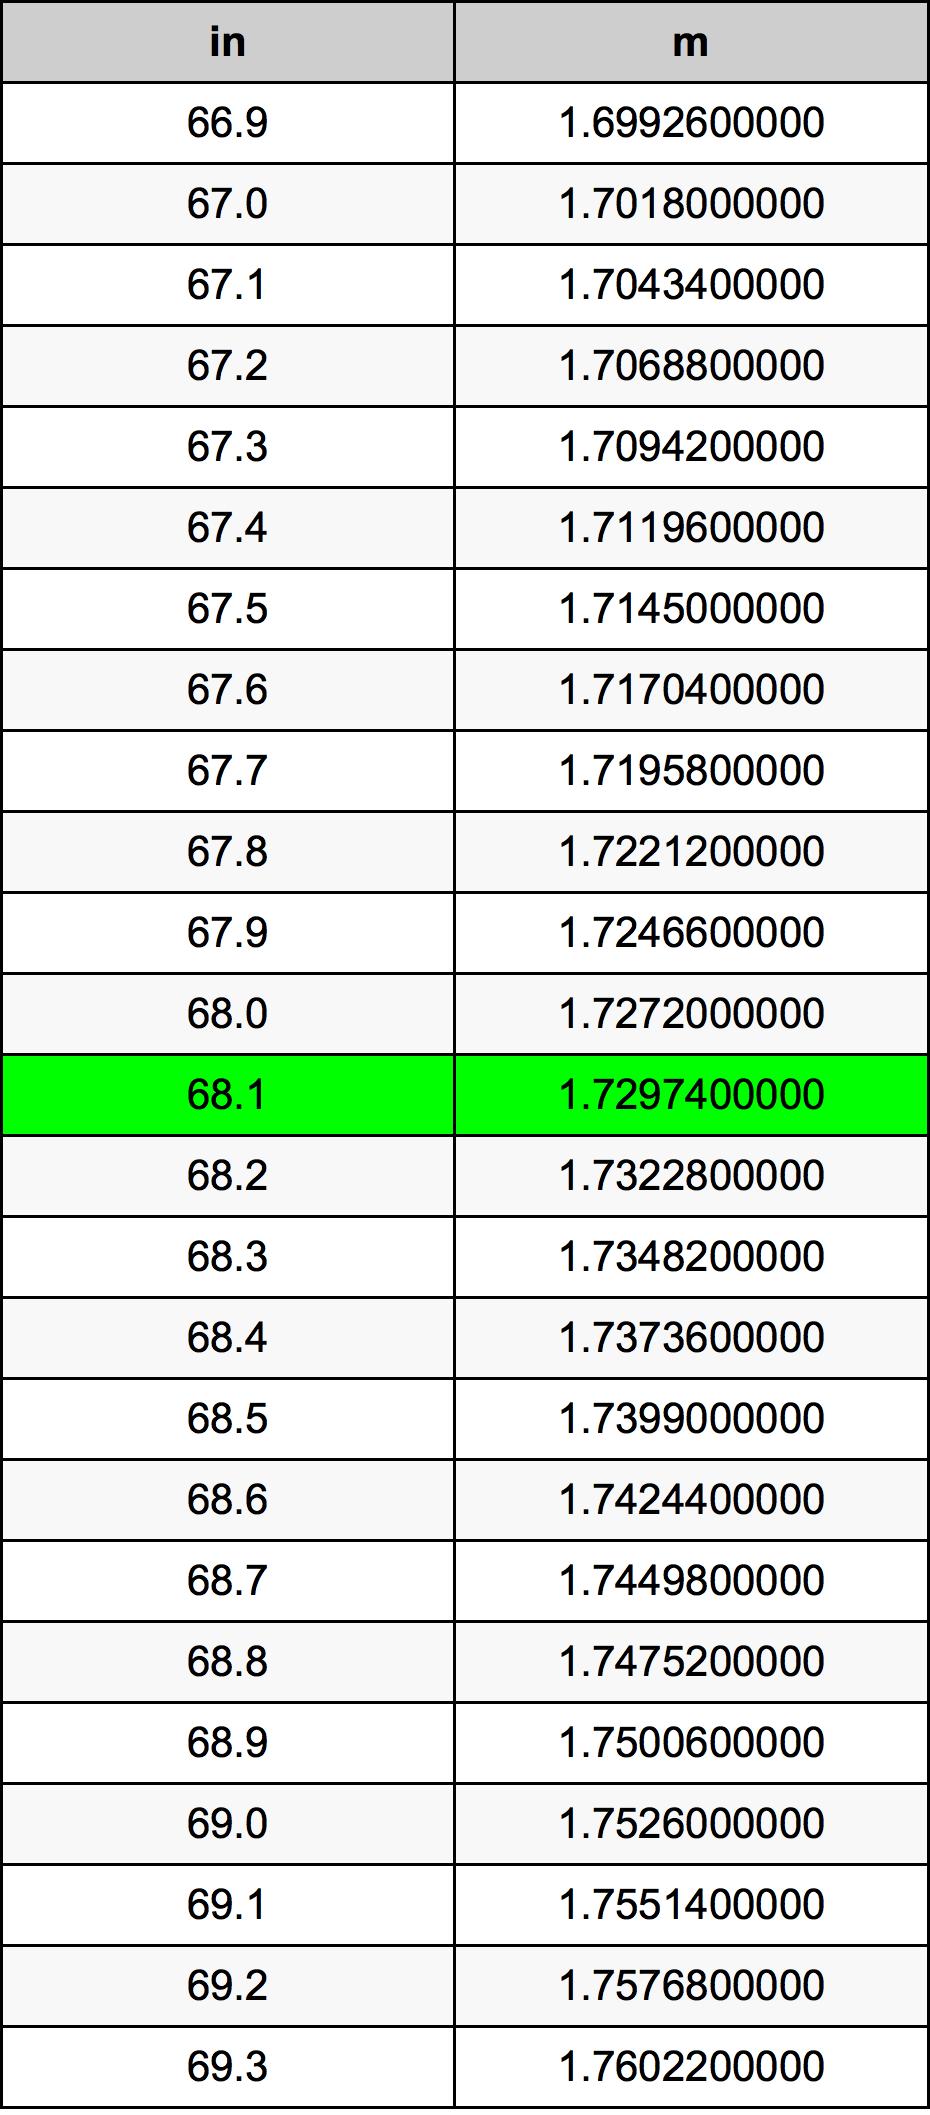 68.1 بوصة جدول تحويل